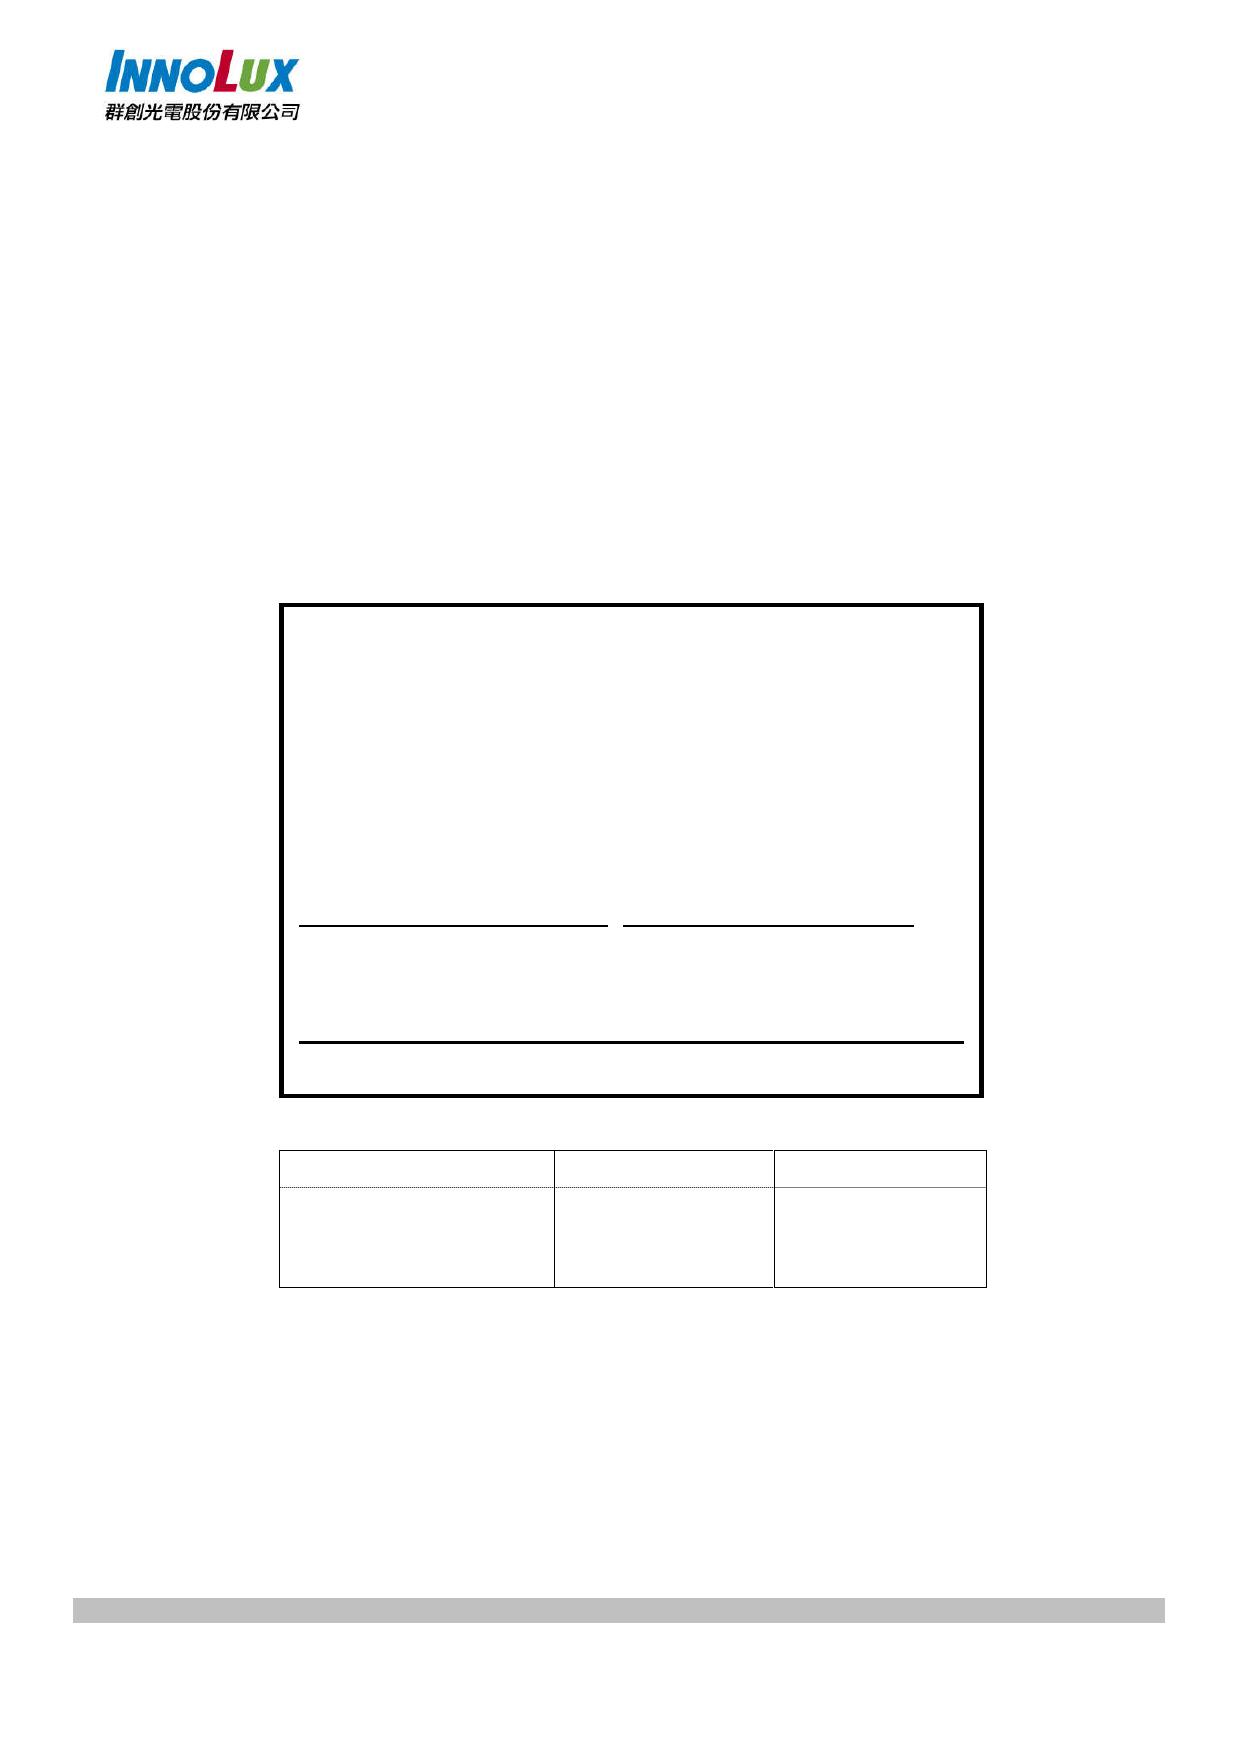 V850DK1-KD1 Datasheet, V850DK1-KD1 PDF,ピン配置, 機能